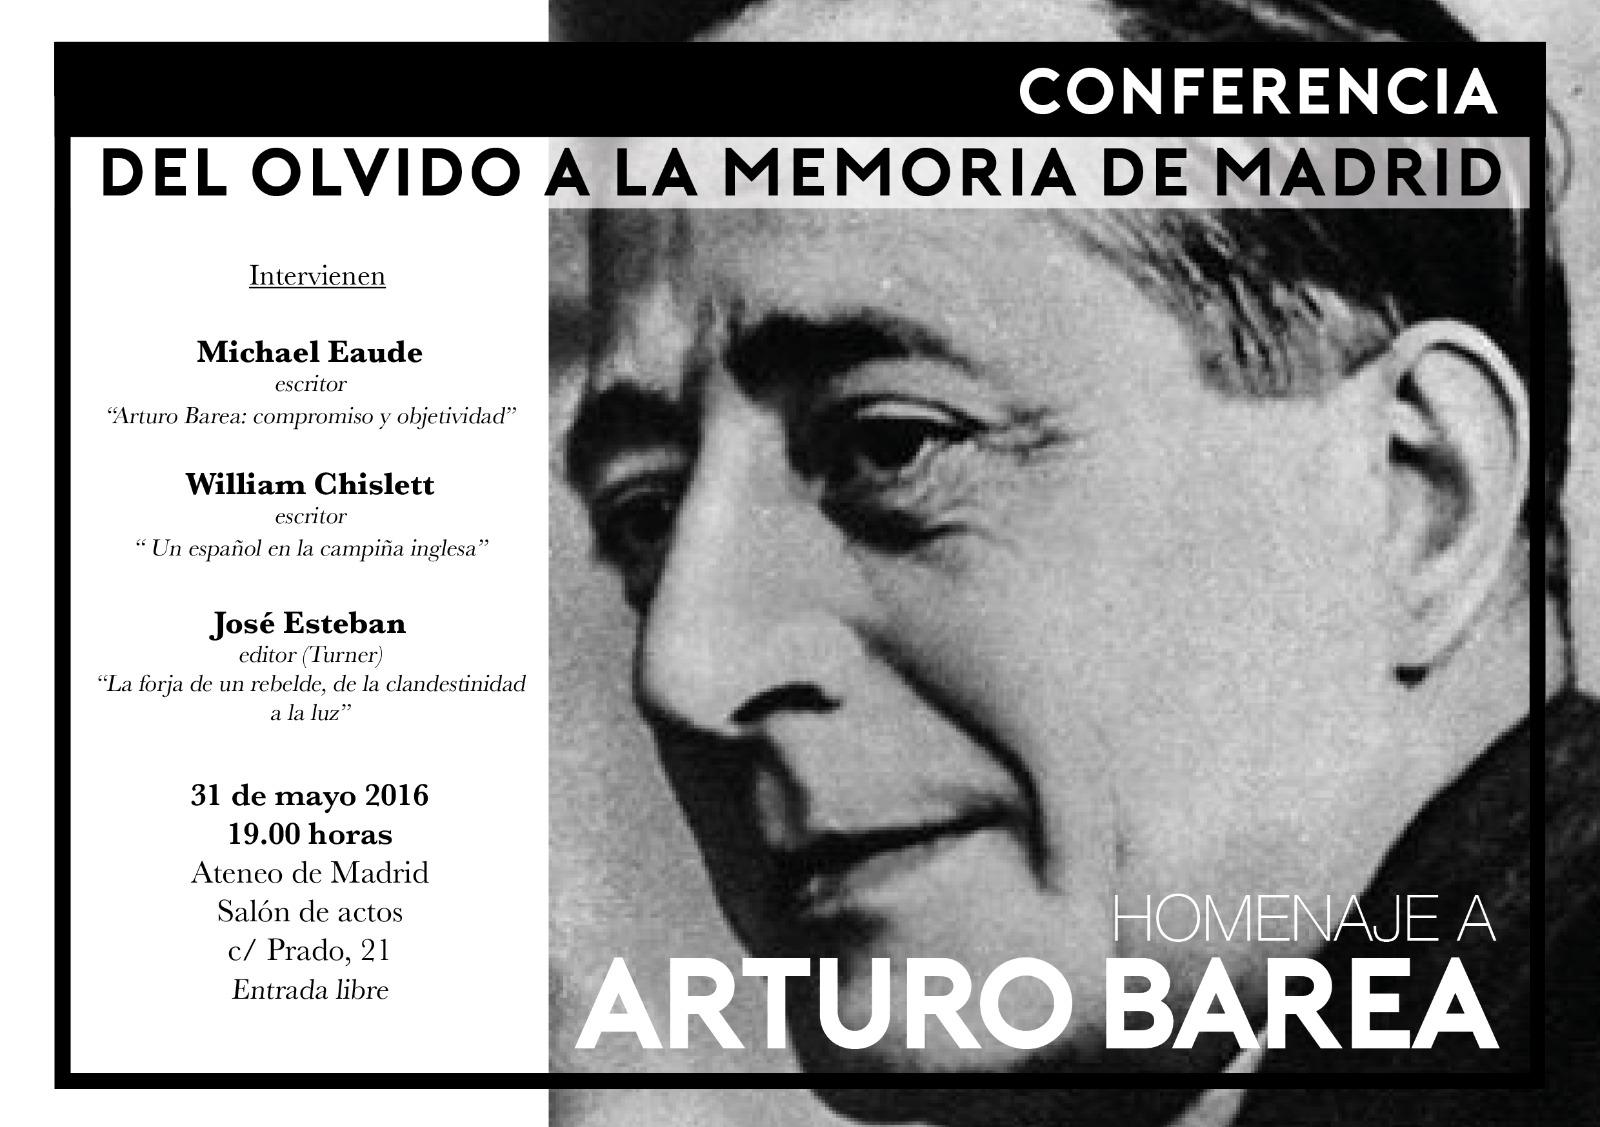 Conferencia Arturo Barea